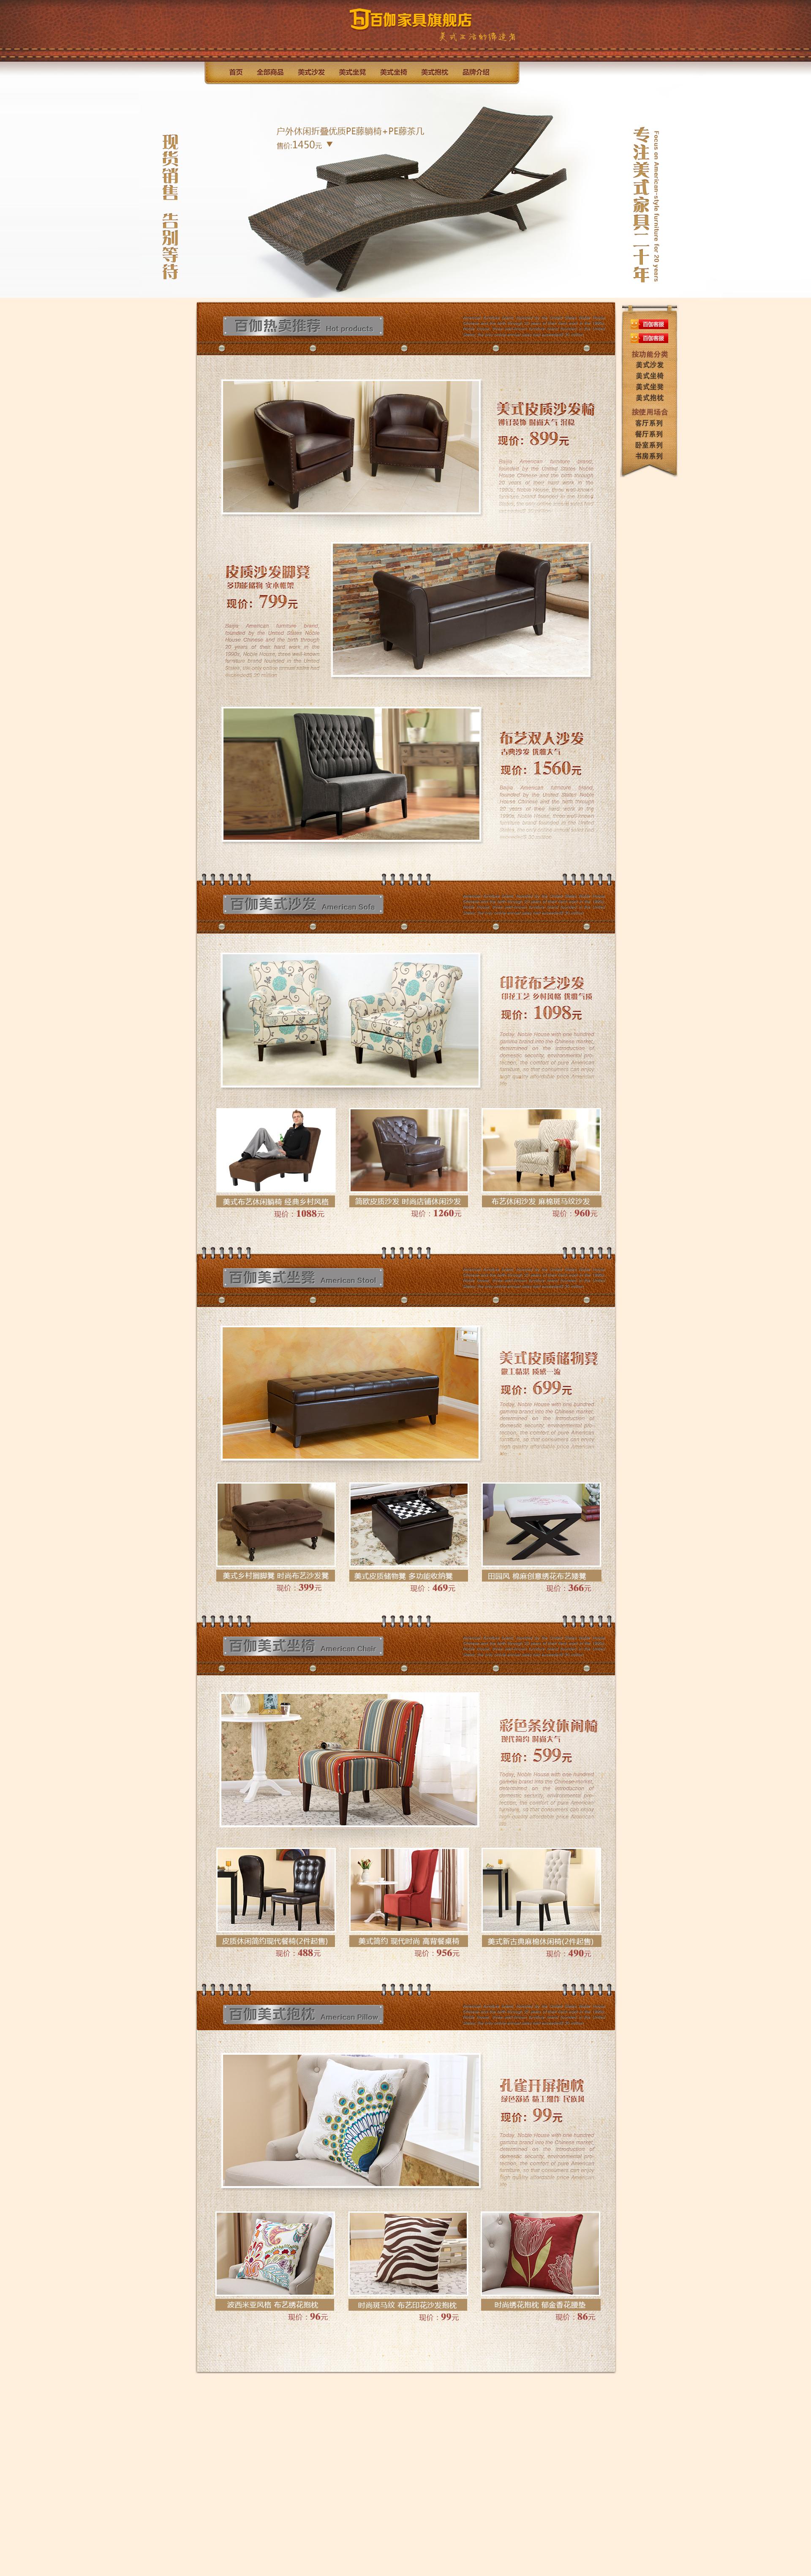 家具电商首页设计图片